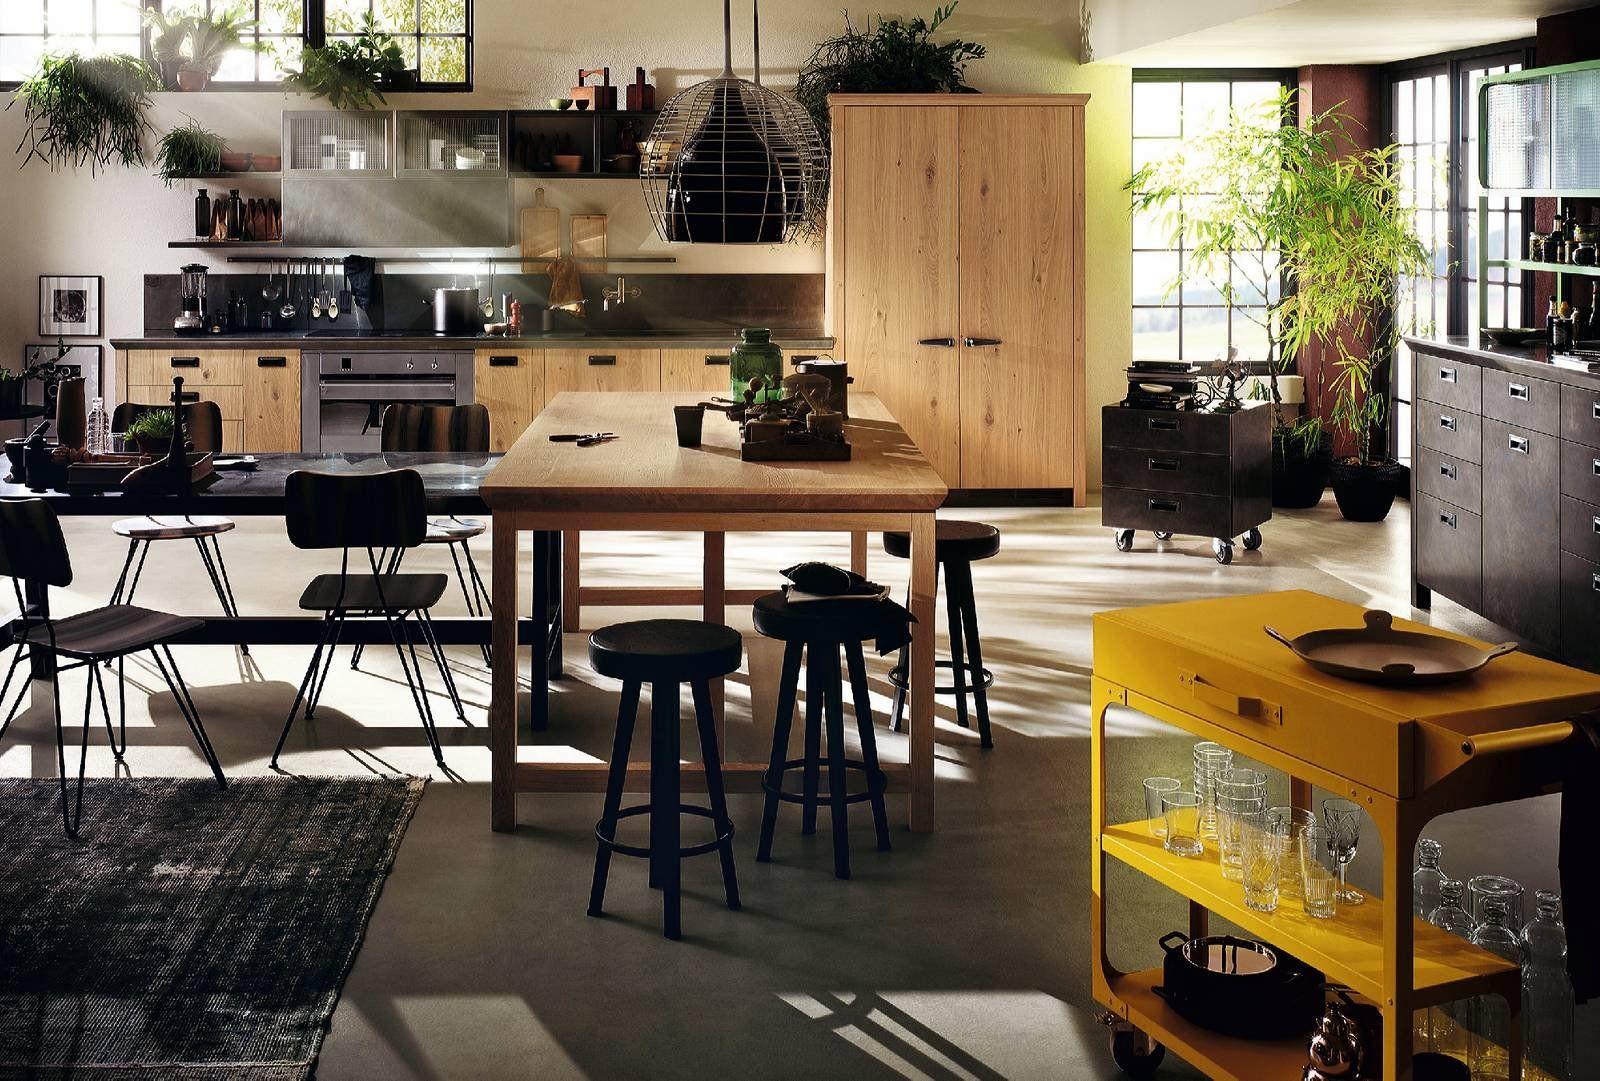 Cucine industriali scegliere i mobili le lampade le piastrelle